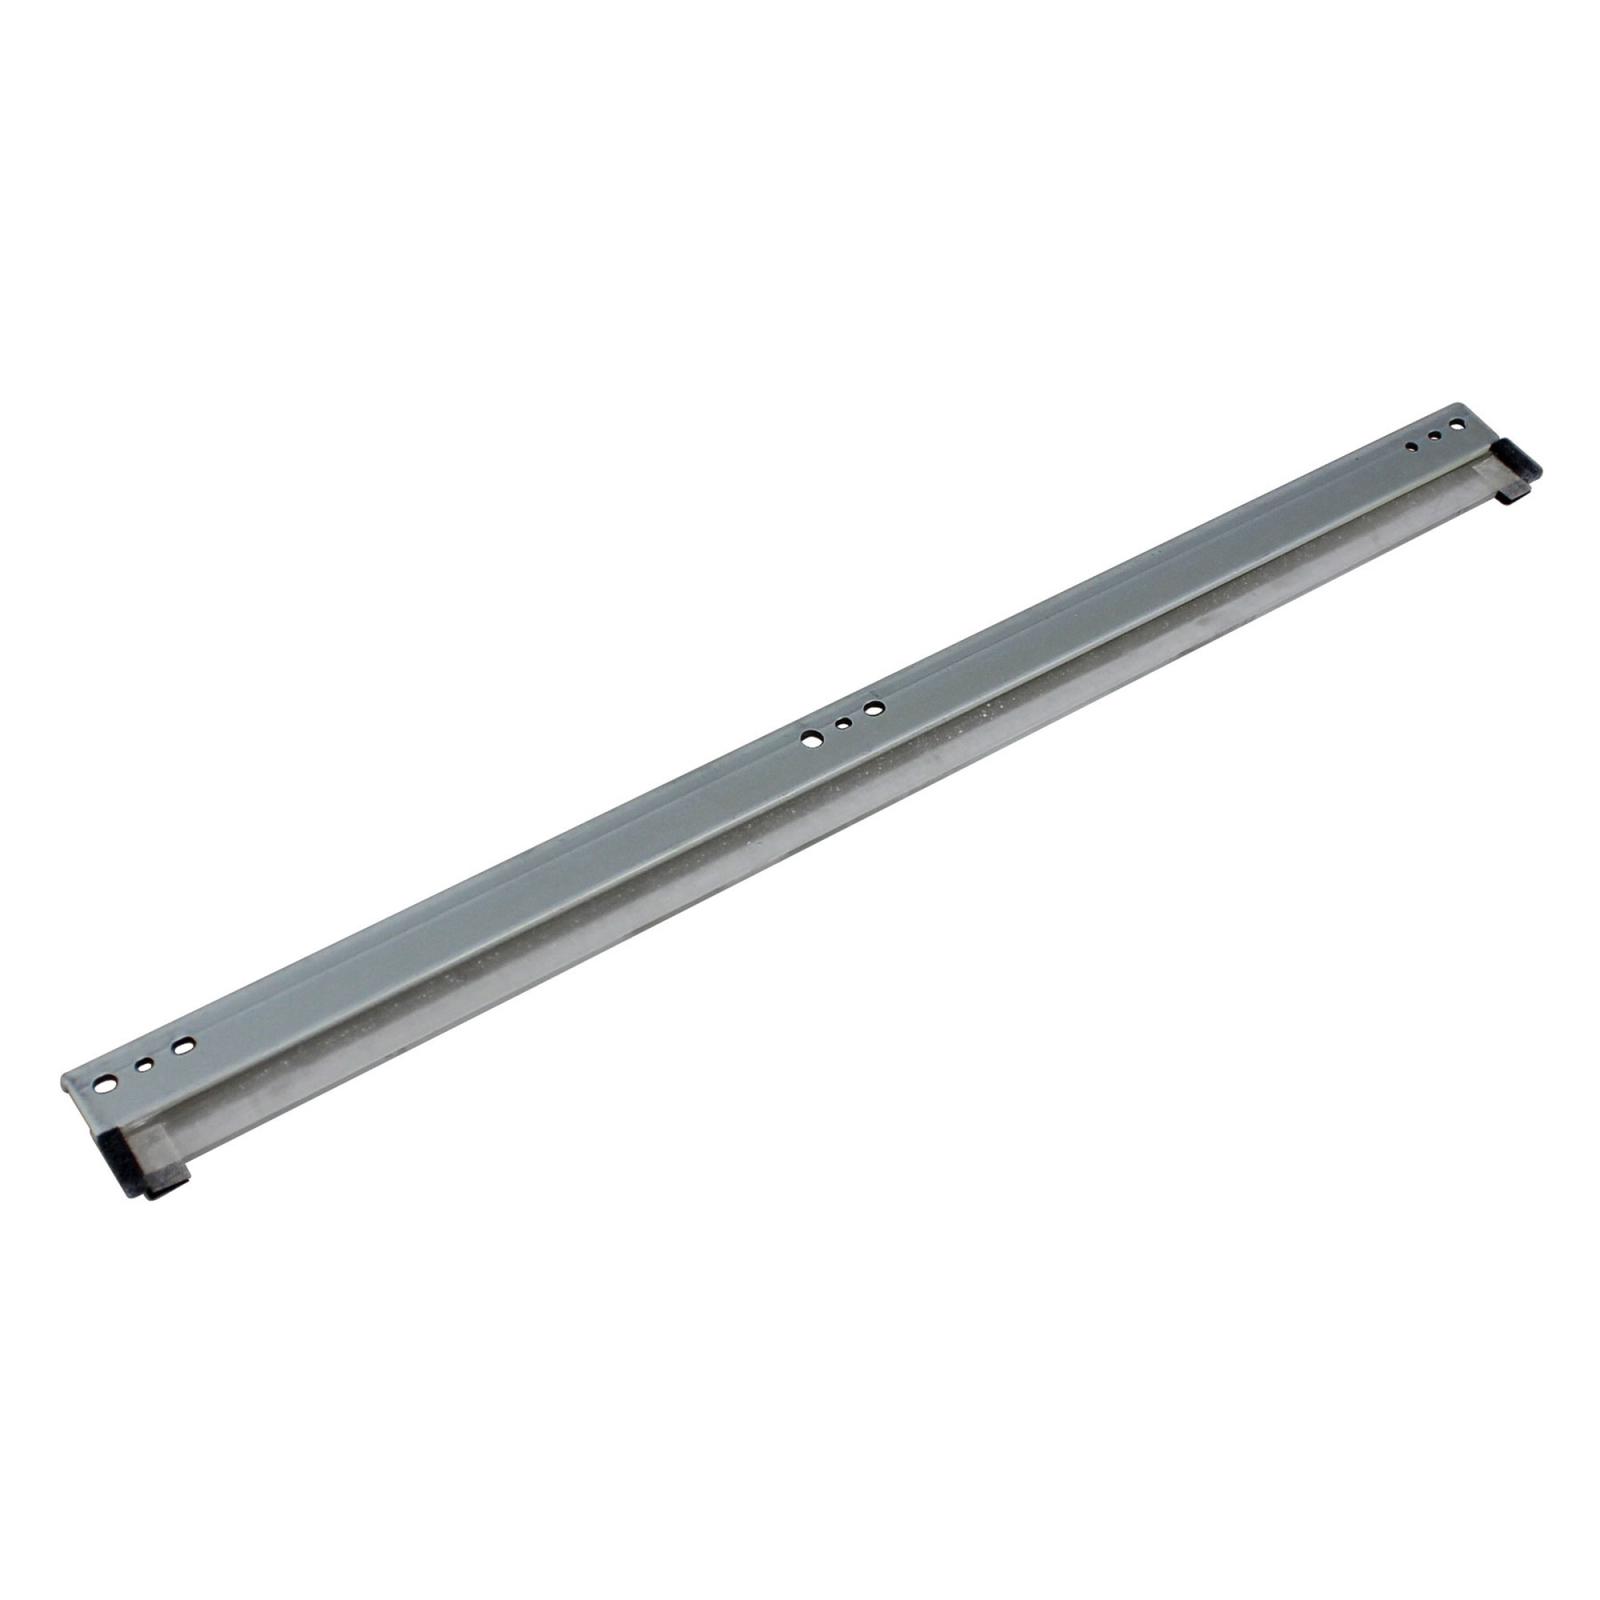 Чистящее лезвие Minolta Bizhub C224/284/364 (DR512-Blade) CET (CET7016)